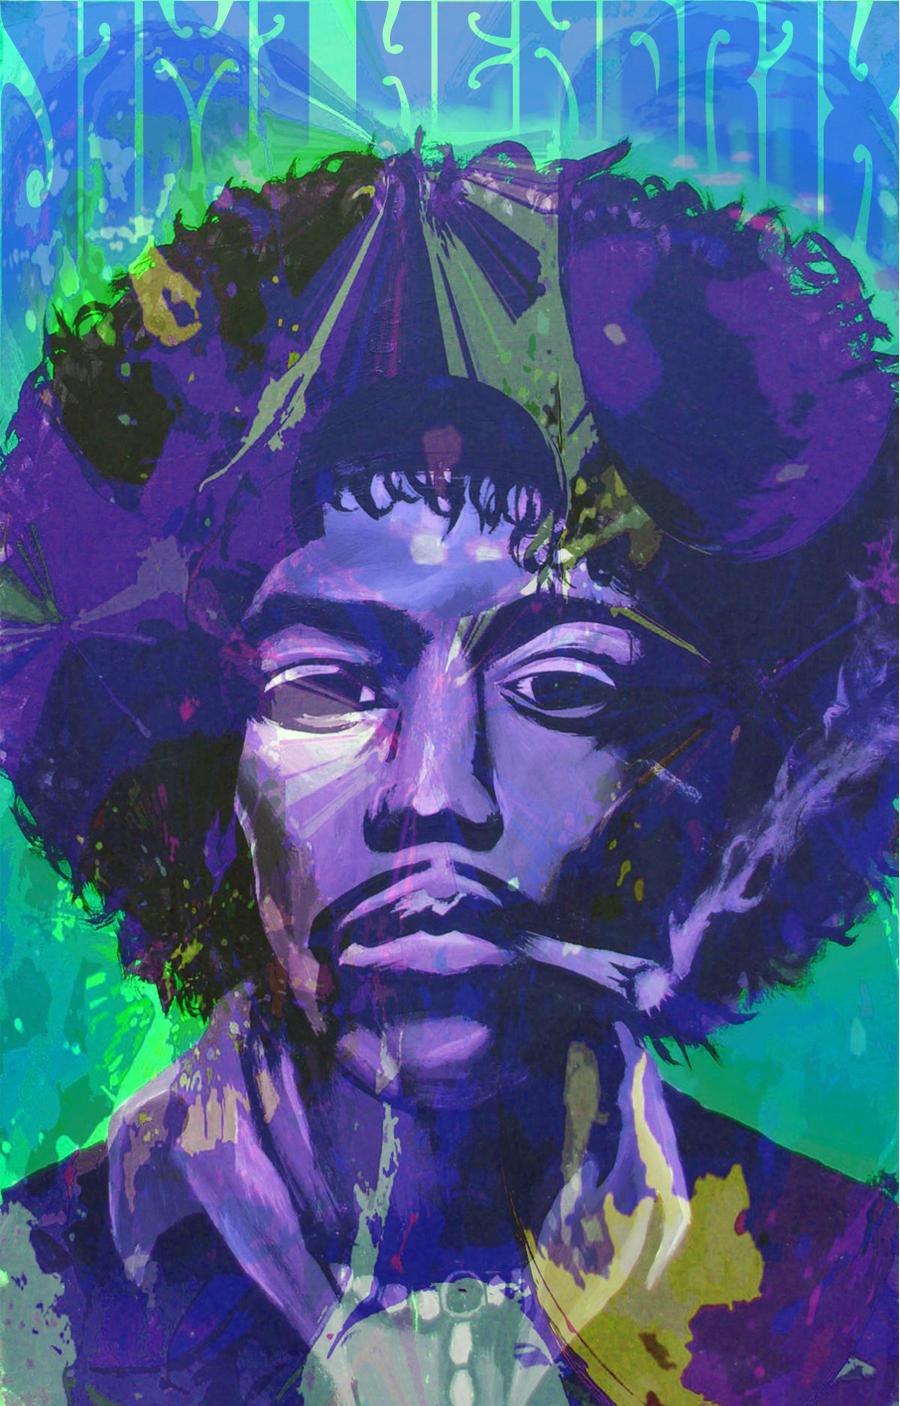 Jimi hendrix by mainpiece on deviantart - Jimi hendrix wallpaper psychedelic ...